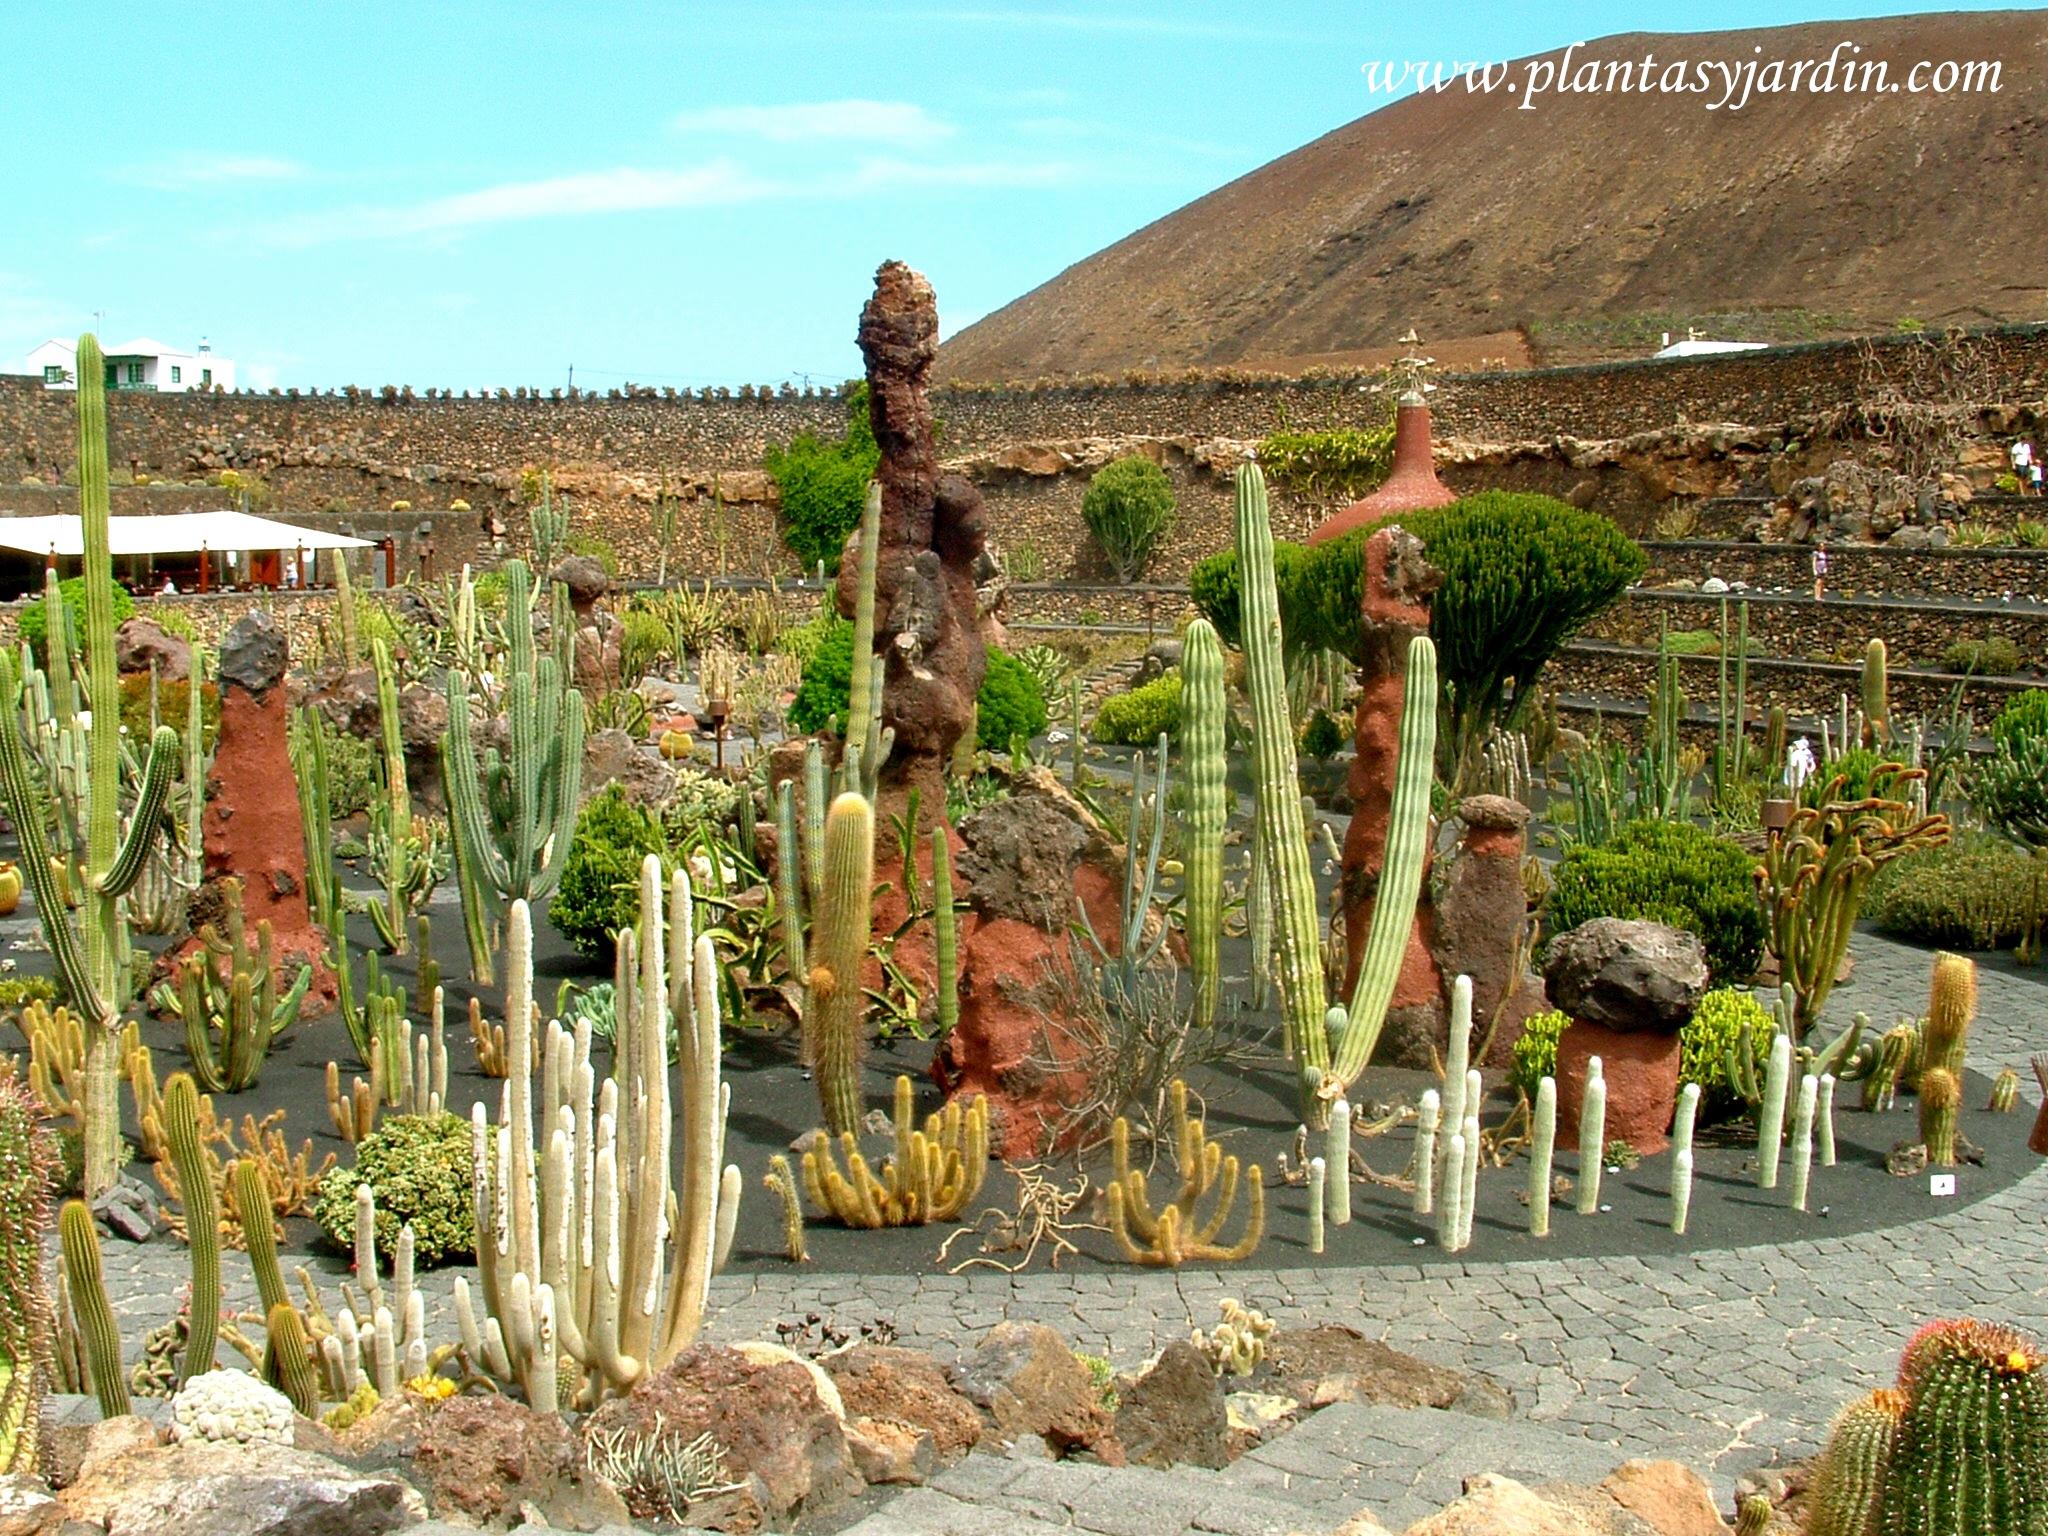 ardín de Cactus de César Manrique en la isla de Lanzarote-Islas Canarias-España.